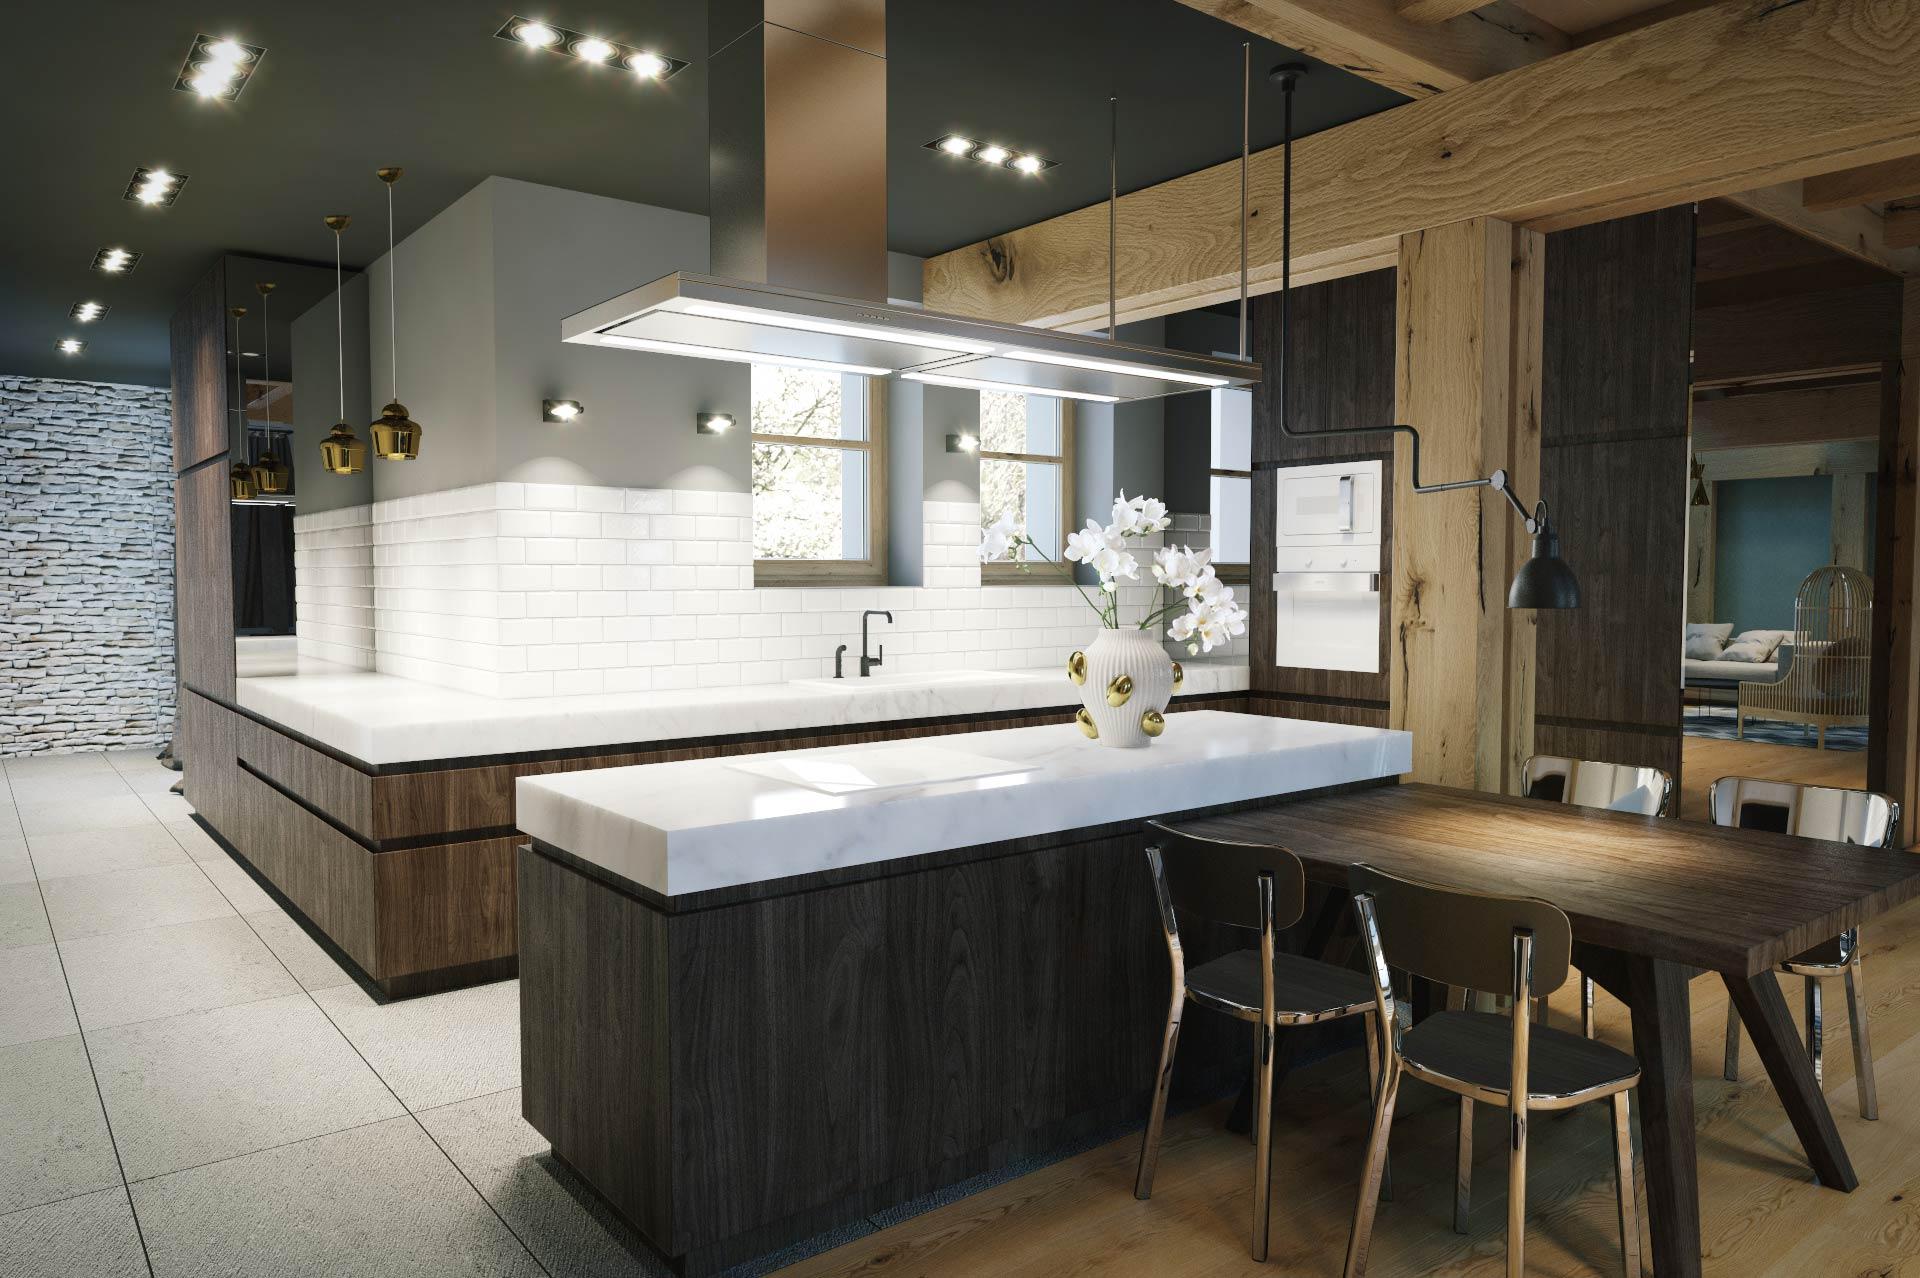 Wizualizacja 3D - kuchnia - luksusowy dom jednorodzinny